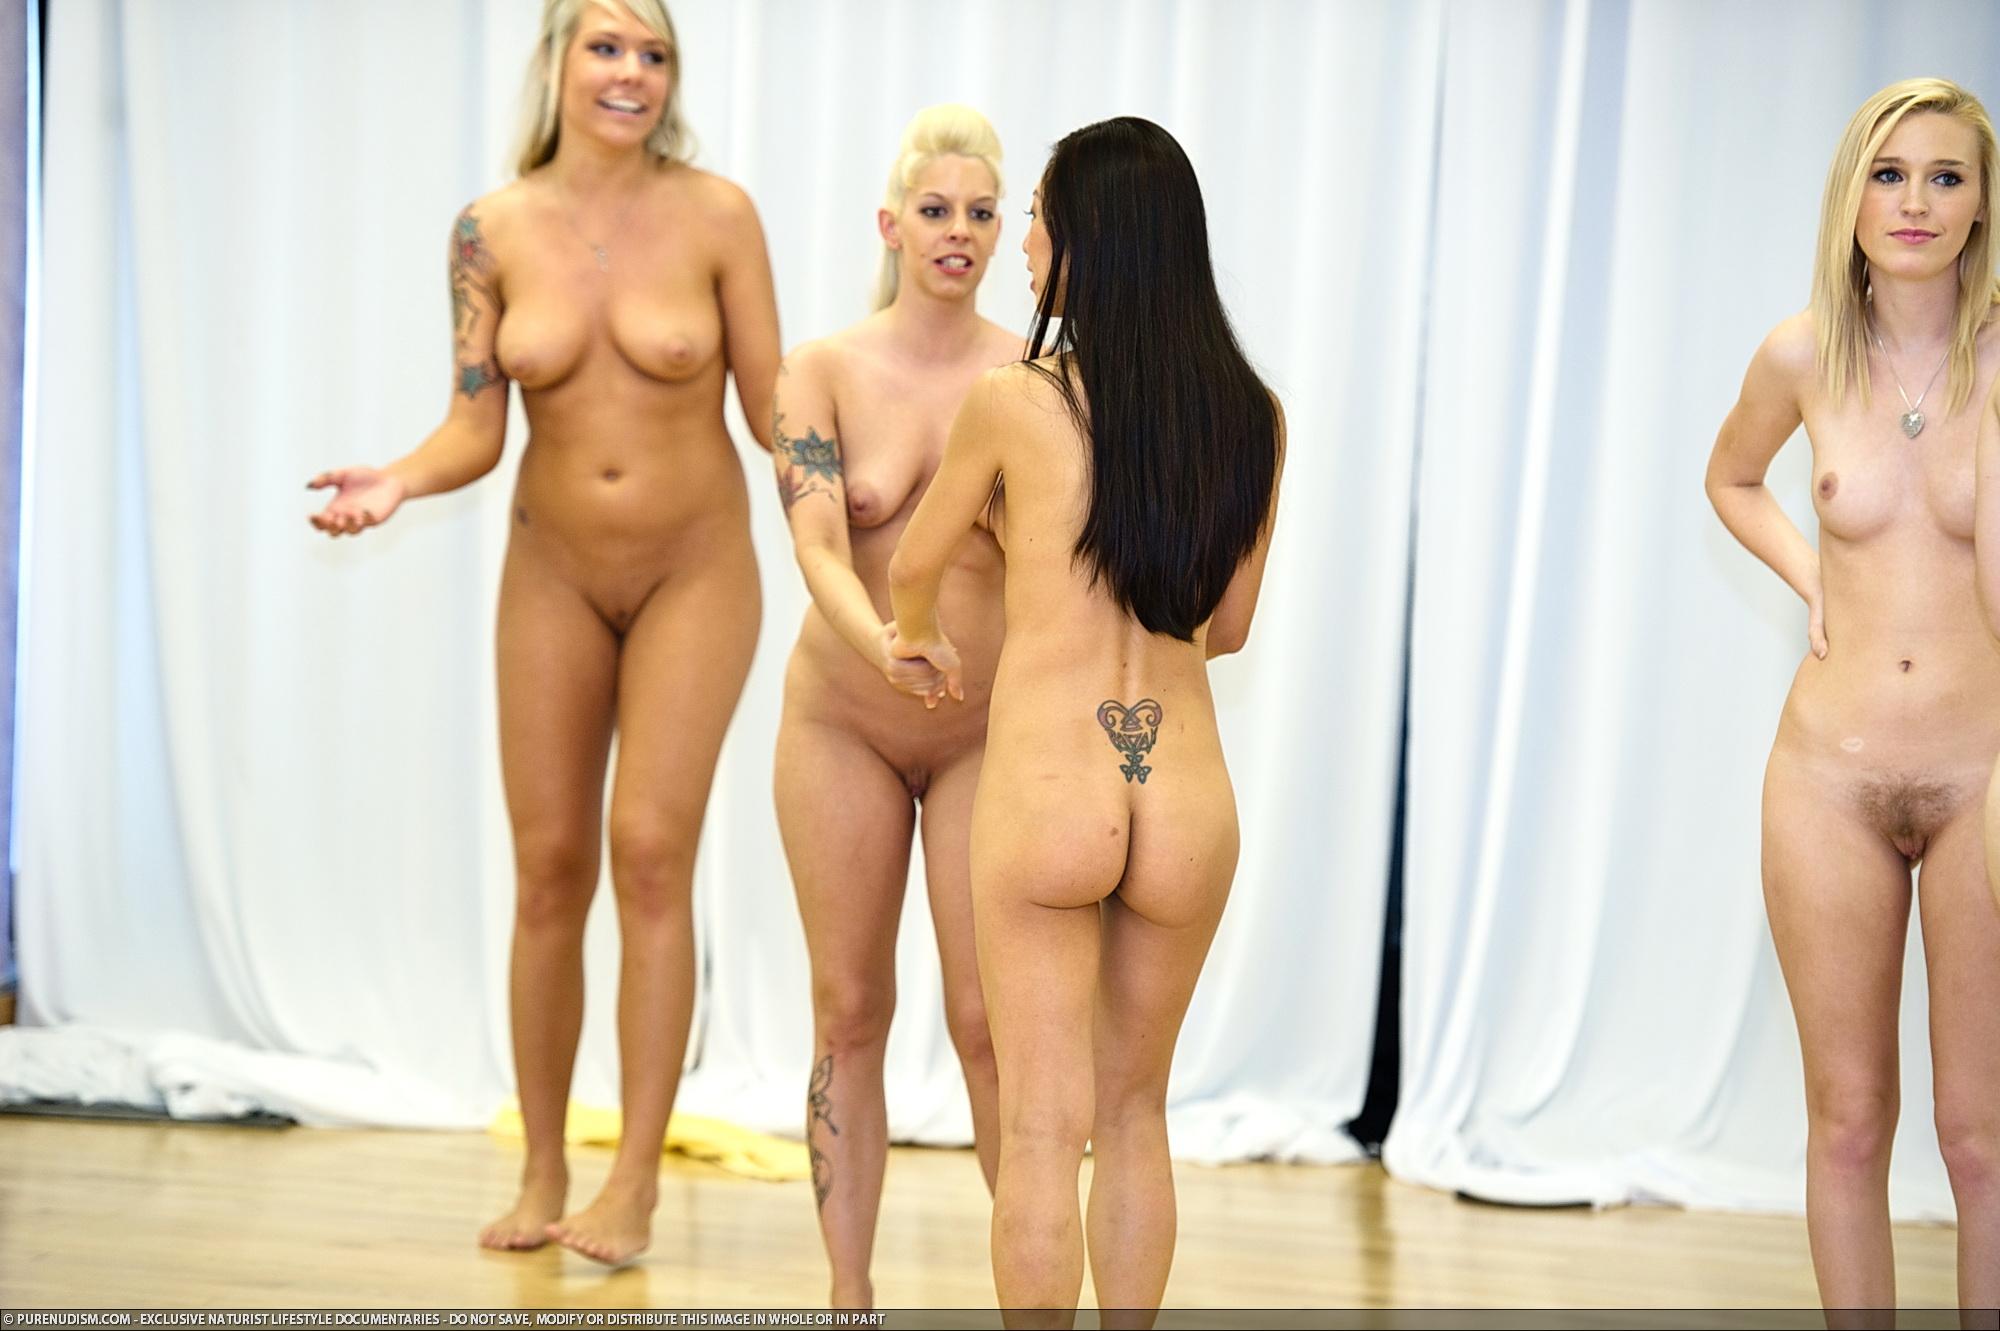 Nude girls dancing video, free jap amateur videos